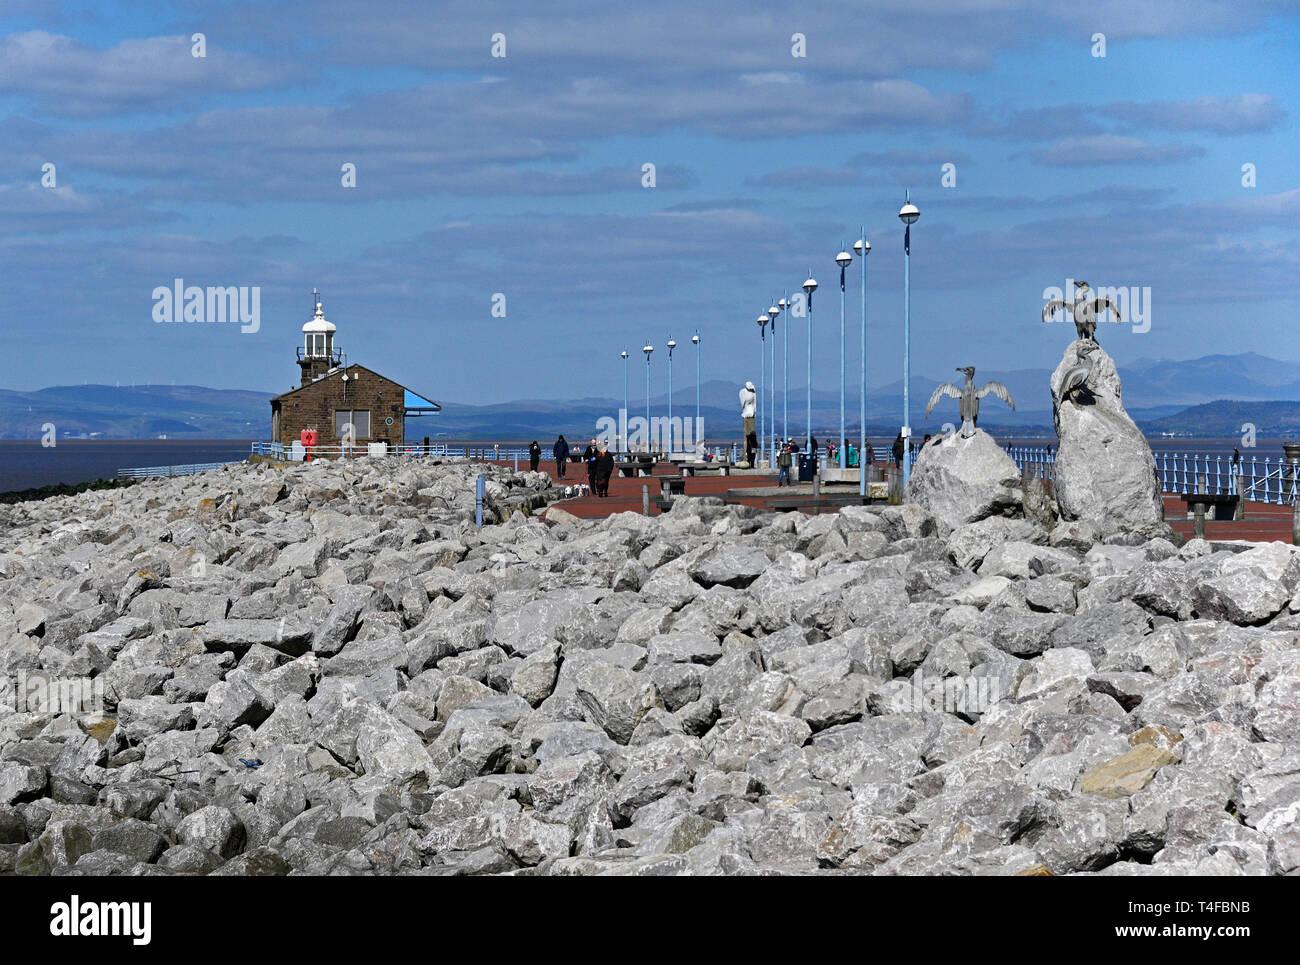 The Stone Jetty, Morecambe, Lancashire, England, United Kingdom, Europe. - Stock Image